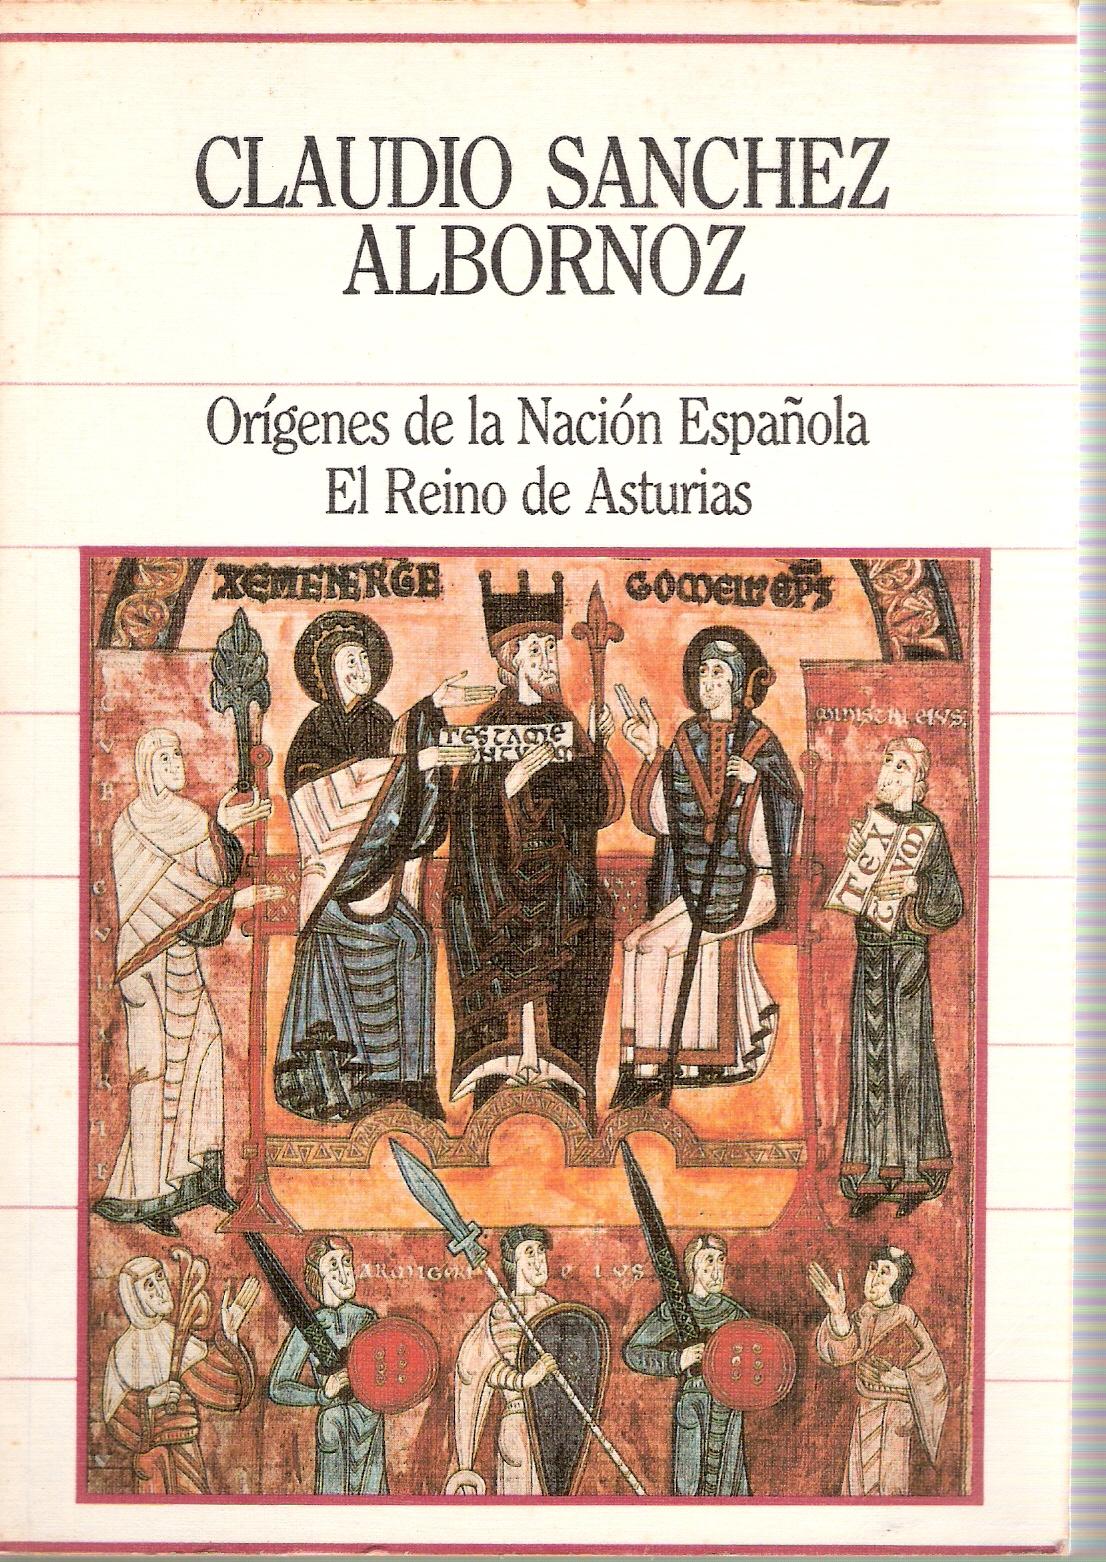 Orígenes de la Nación Española. El Reino de Asturias